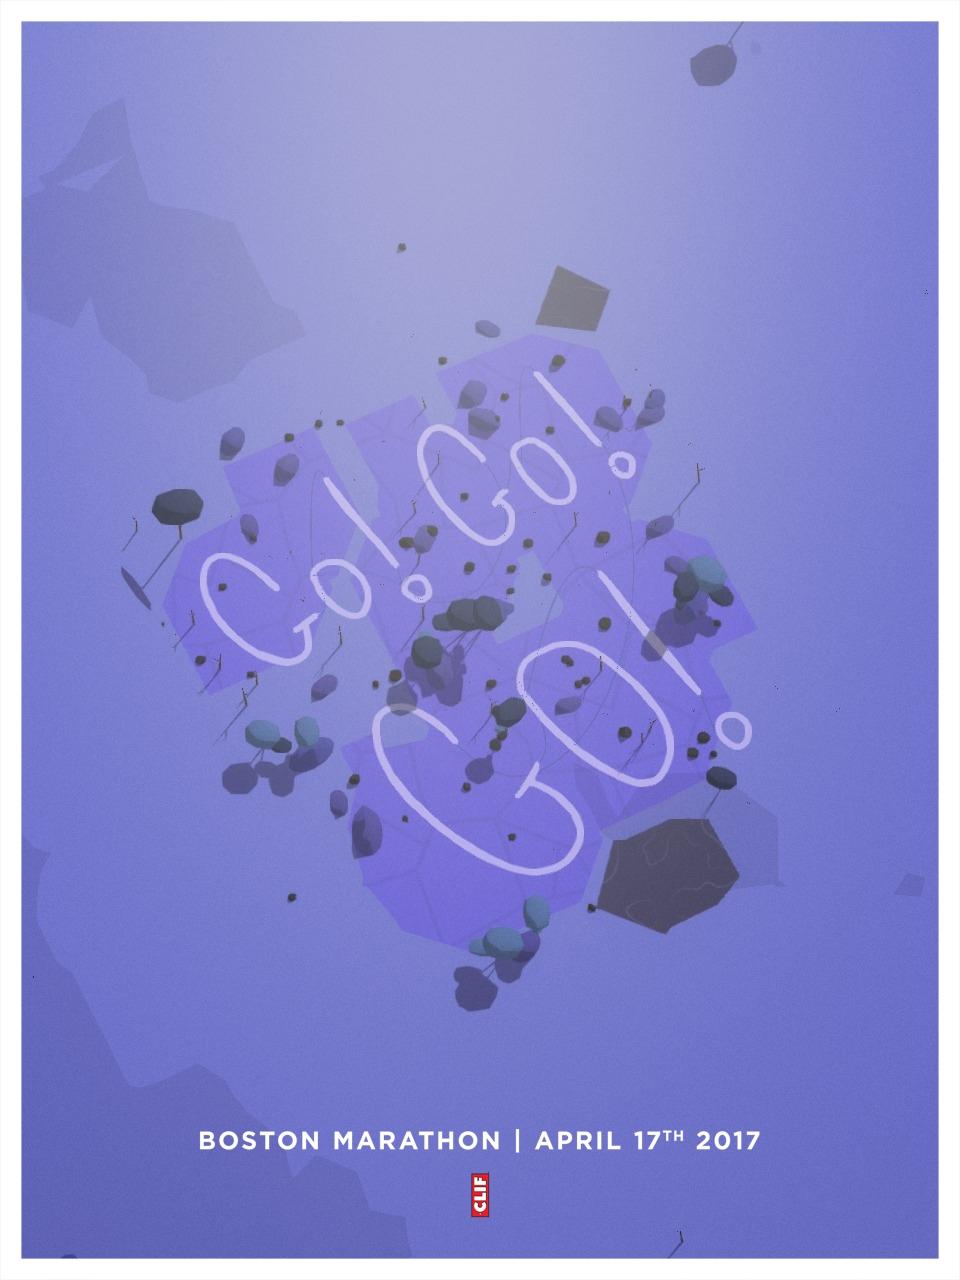 1493823470005-8483-poster.jpg